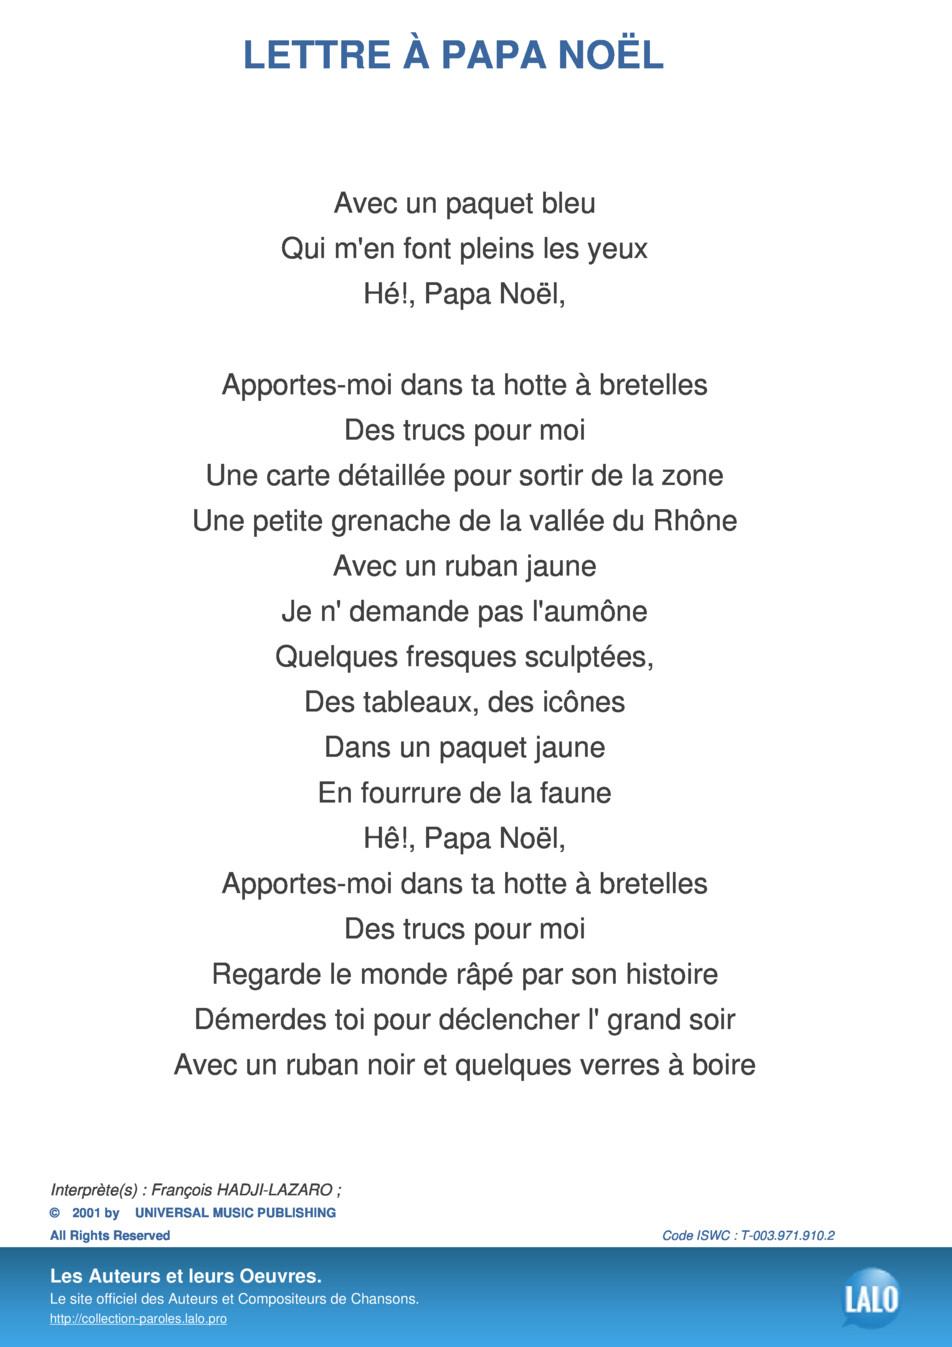 Paroles Et Musique De Lettre A Papa Noel François Hadji destiné Papa Noel Parole